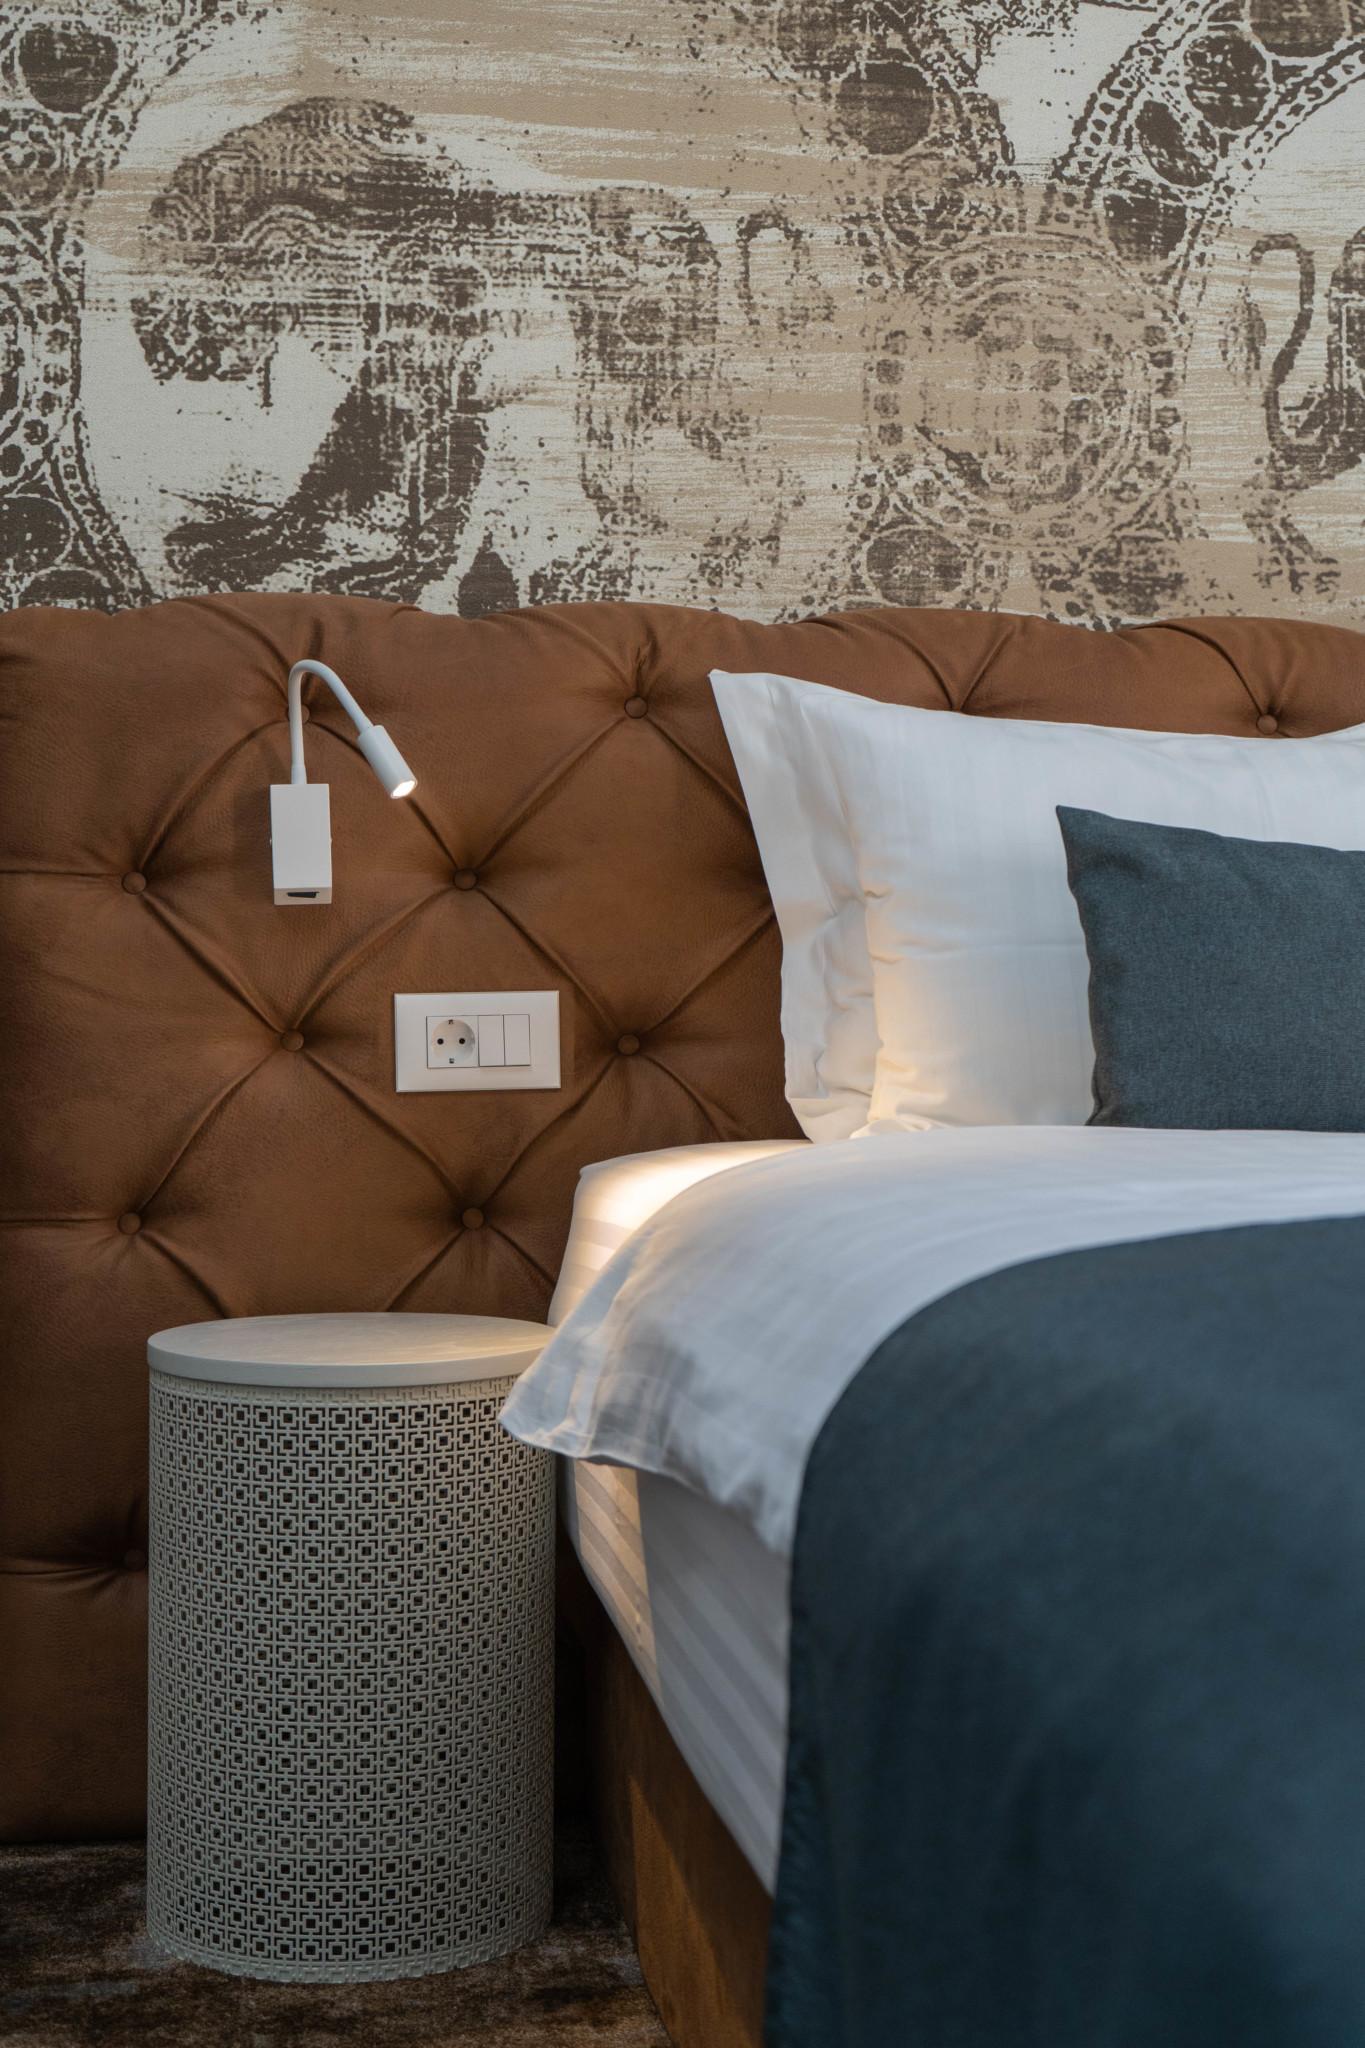 Hotel Gallery 37 in Plowdiw